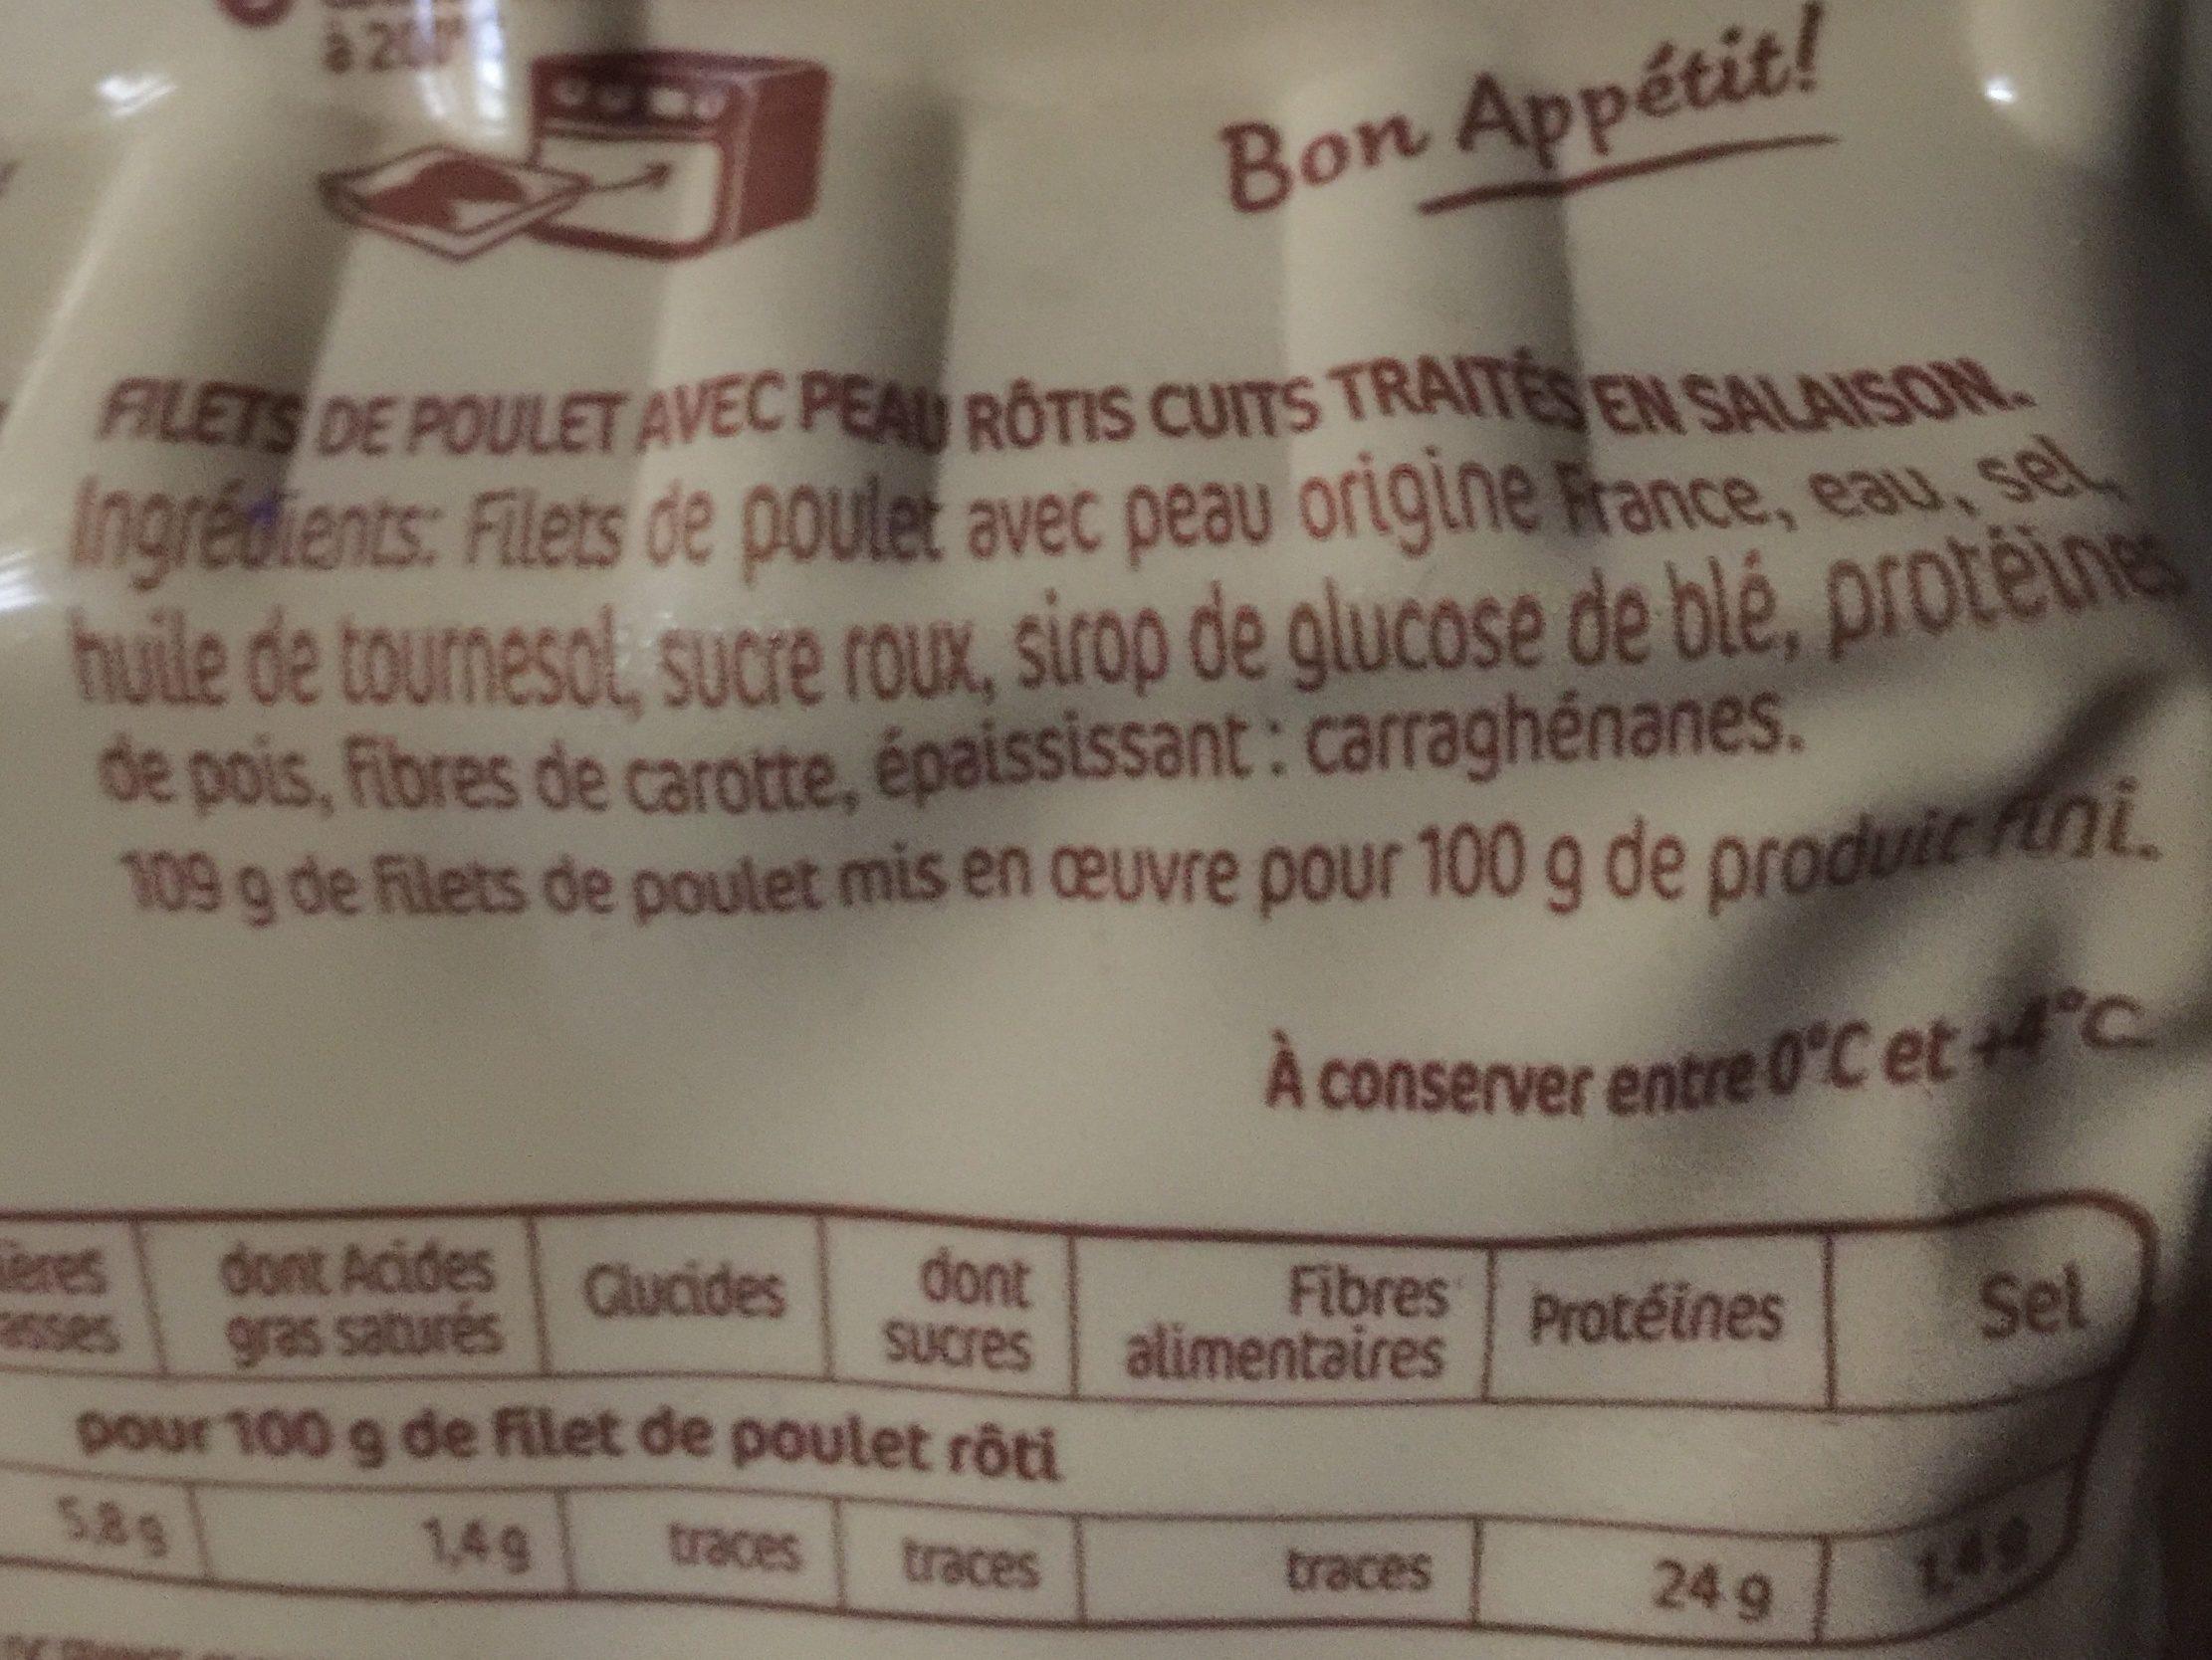 Filets de poulet rôti chaud ou froid - Ingrediënten - fr